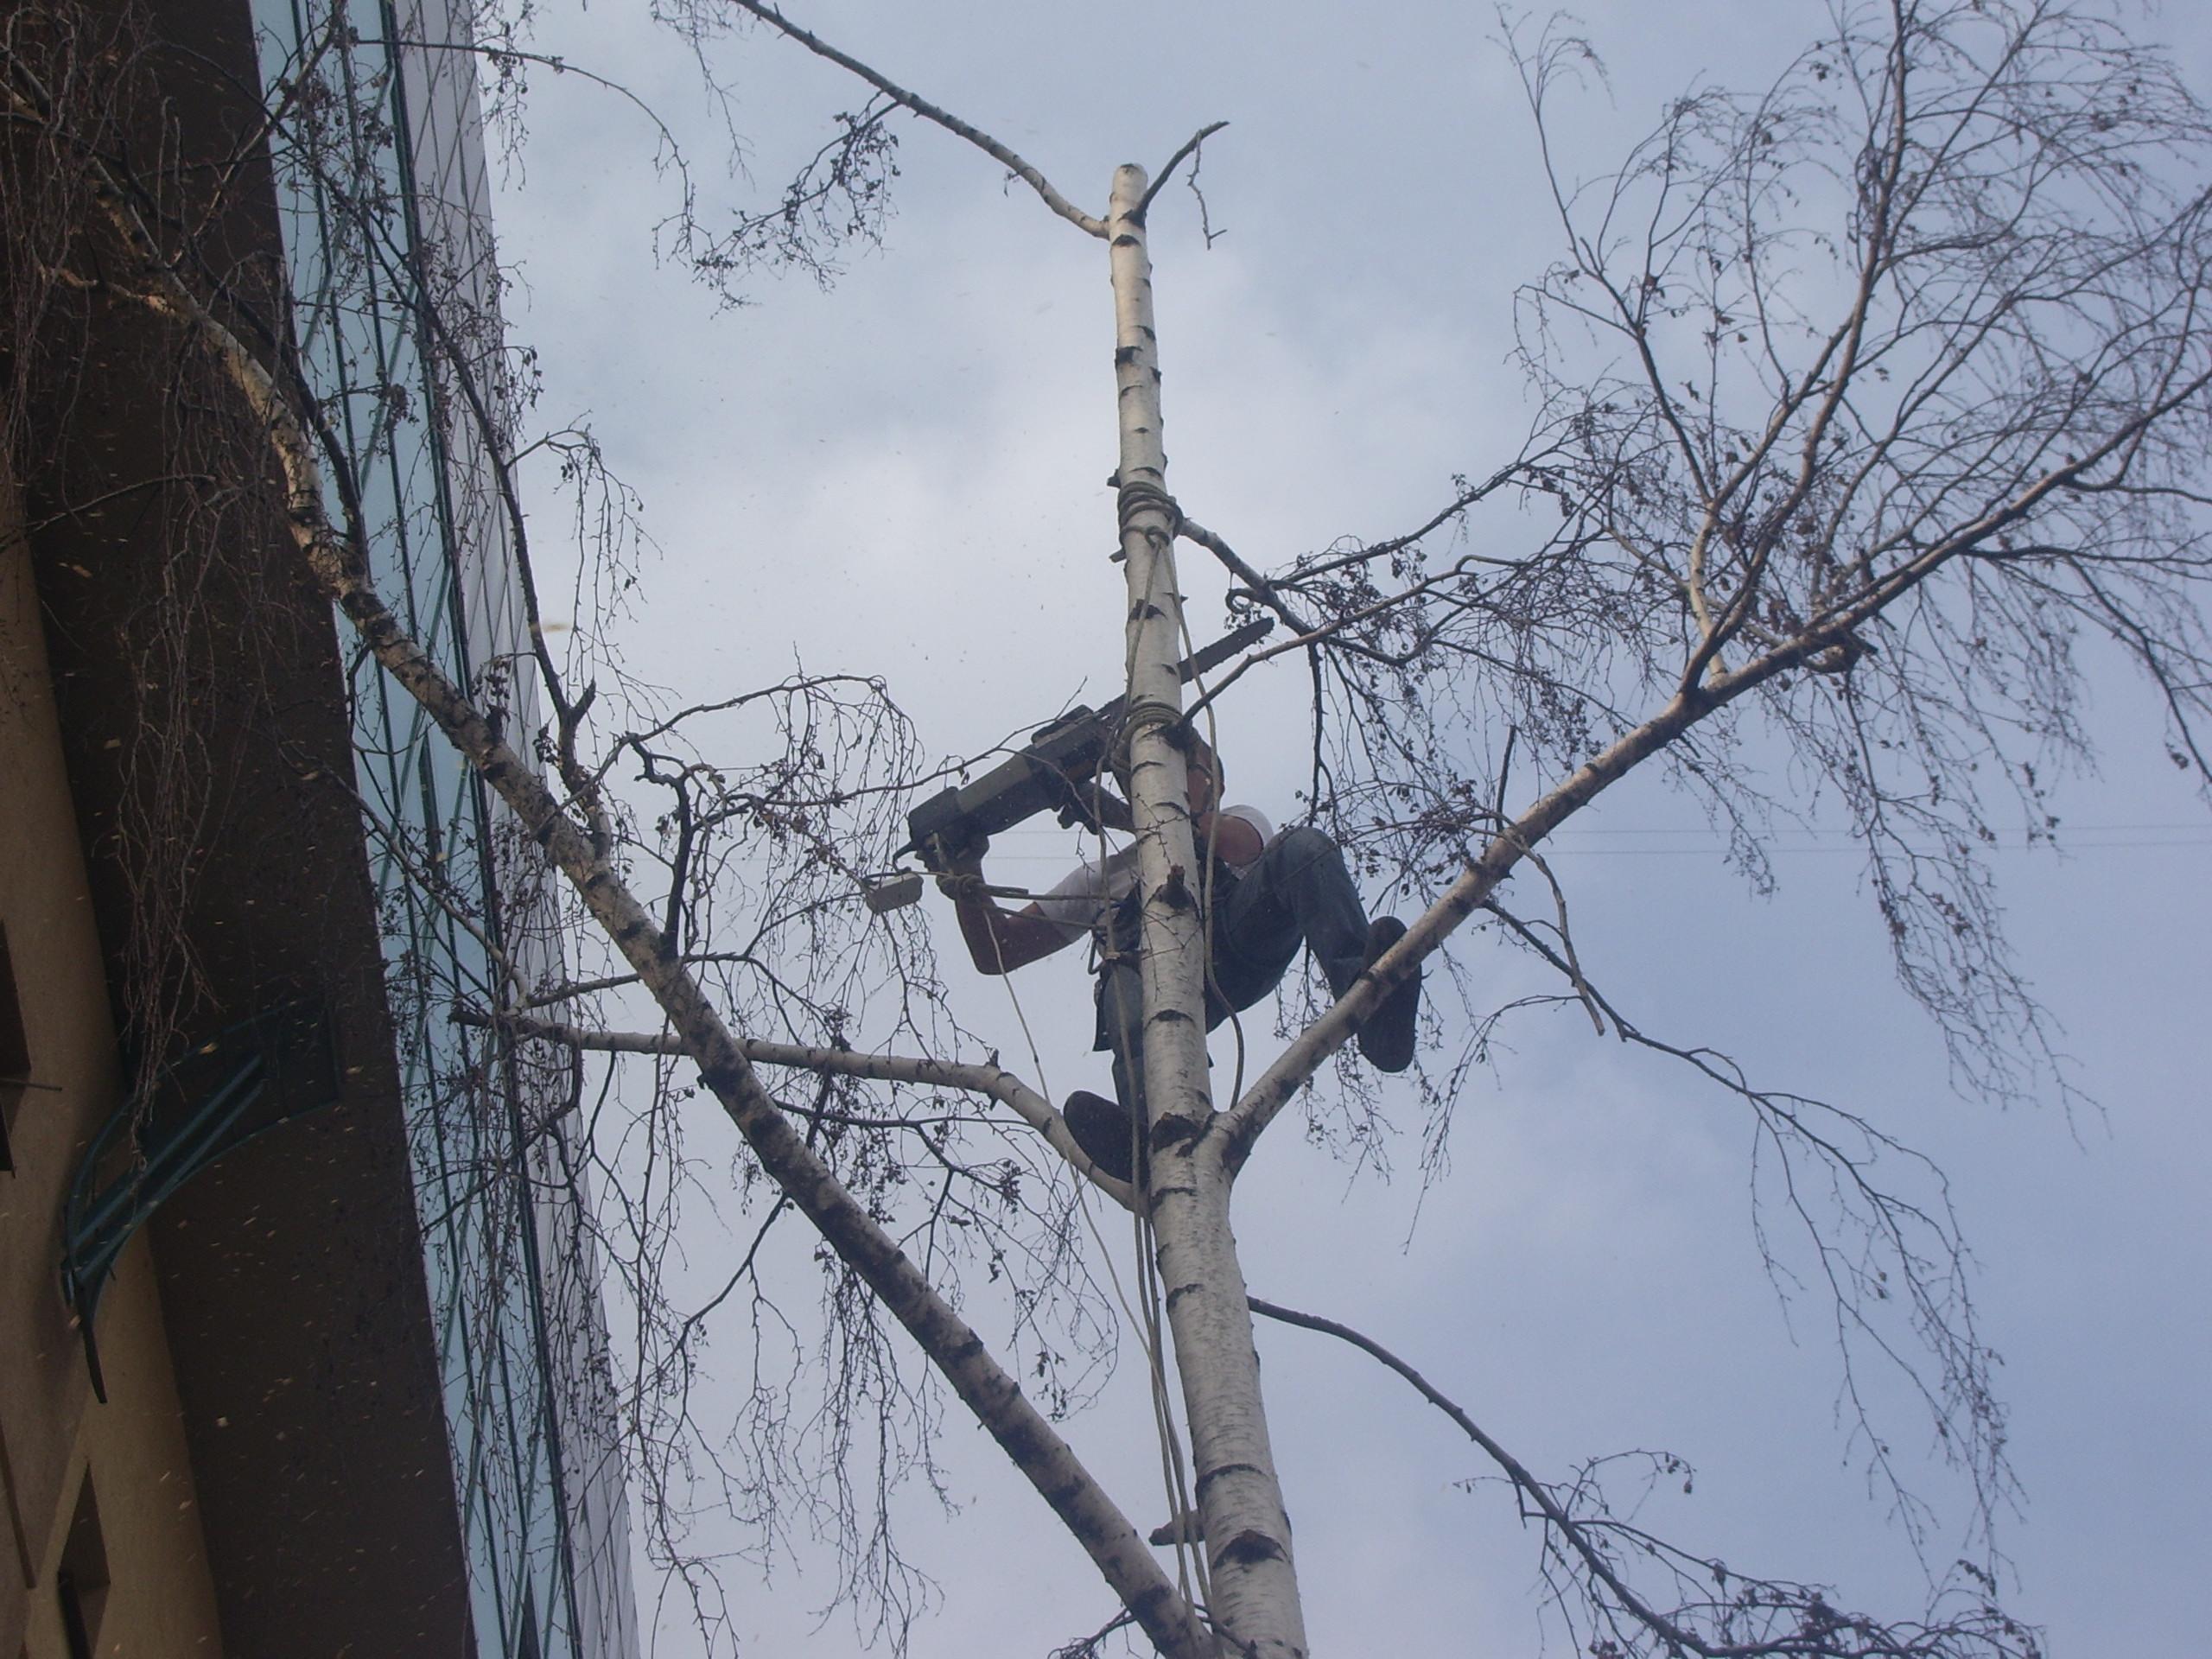 Промышленный альпинизм в г москве